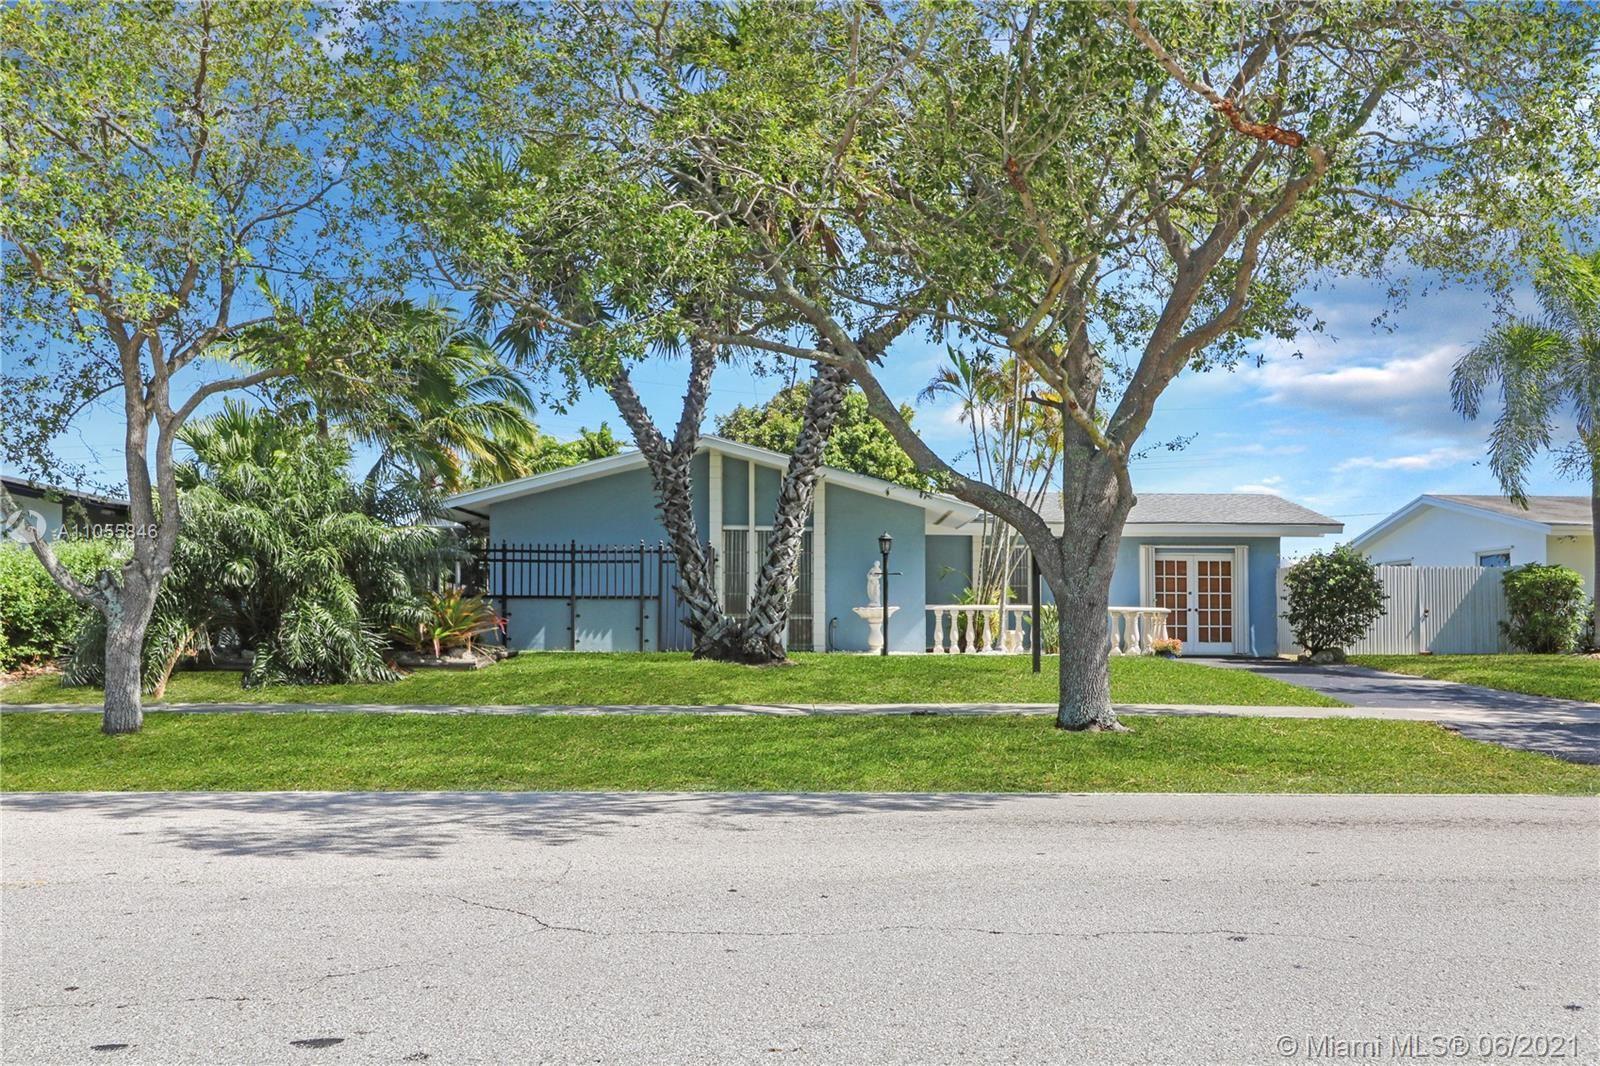 10540 SW 160th St, Miami, FL 33157 - #: A11055846